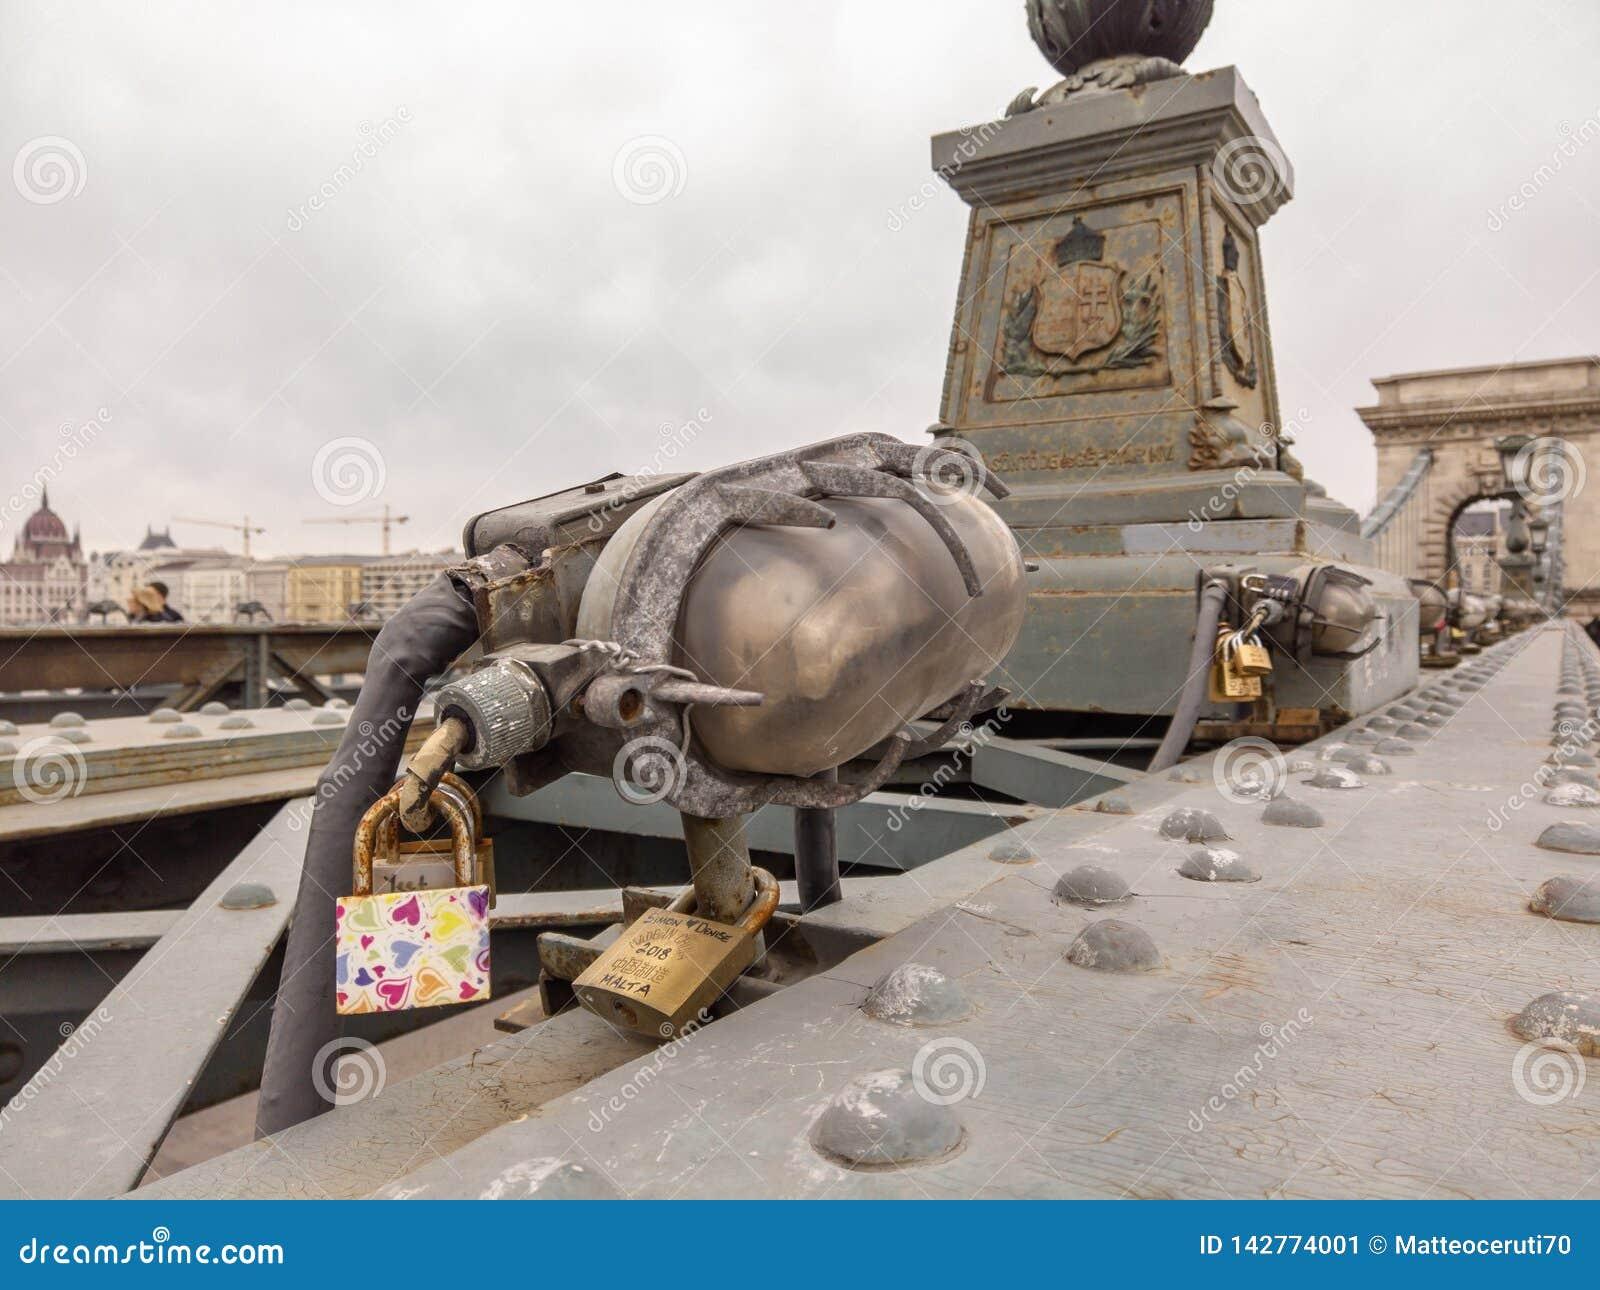 Βουδαπέστη, Ουγγαρία Σύνολο λουκέτων με τα μηνύματα της αγάπης στη γέφυρα αλυσίδων